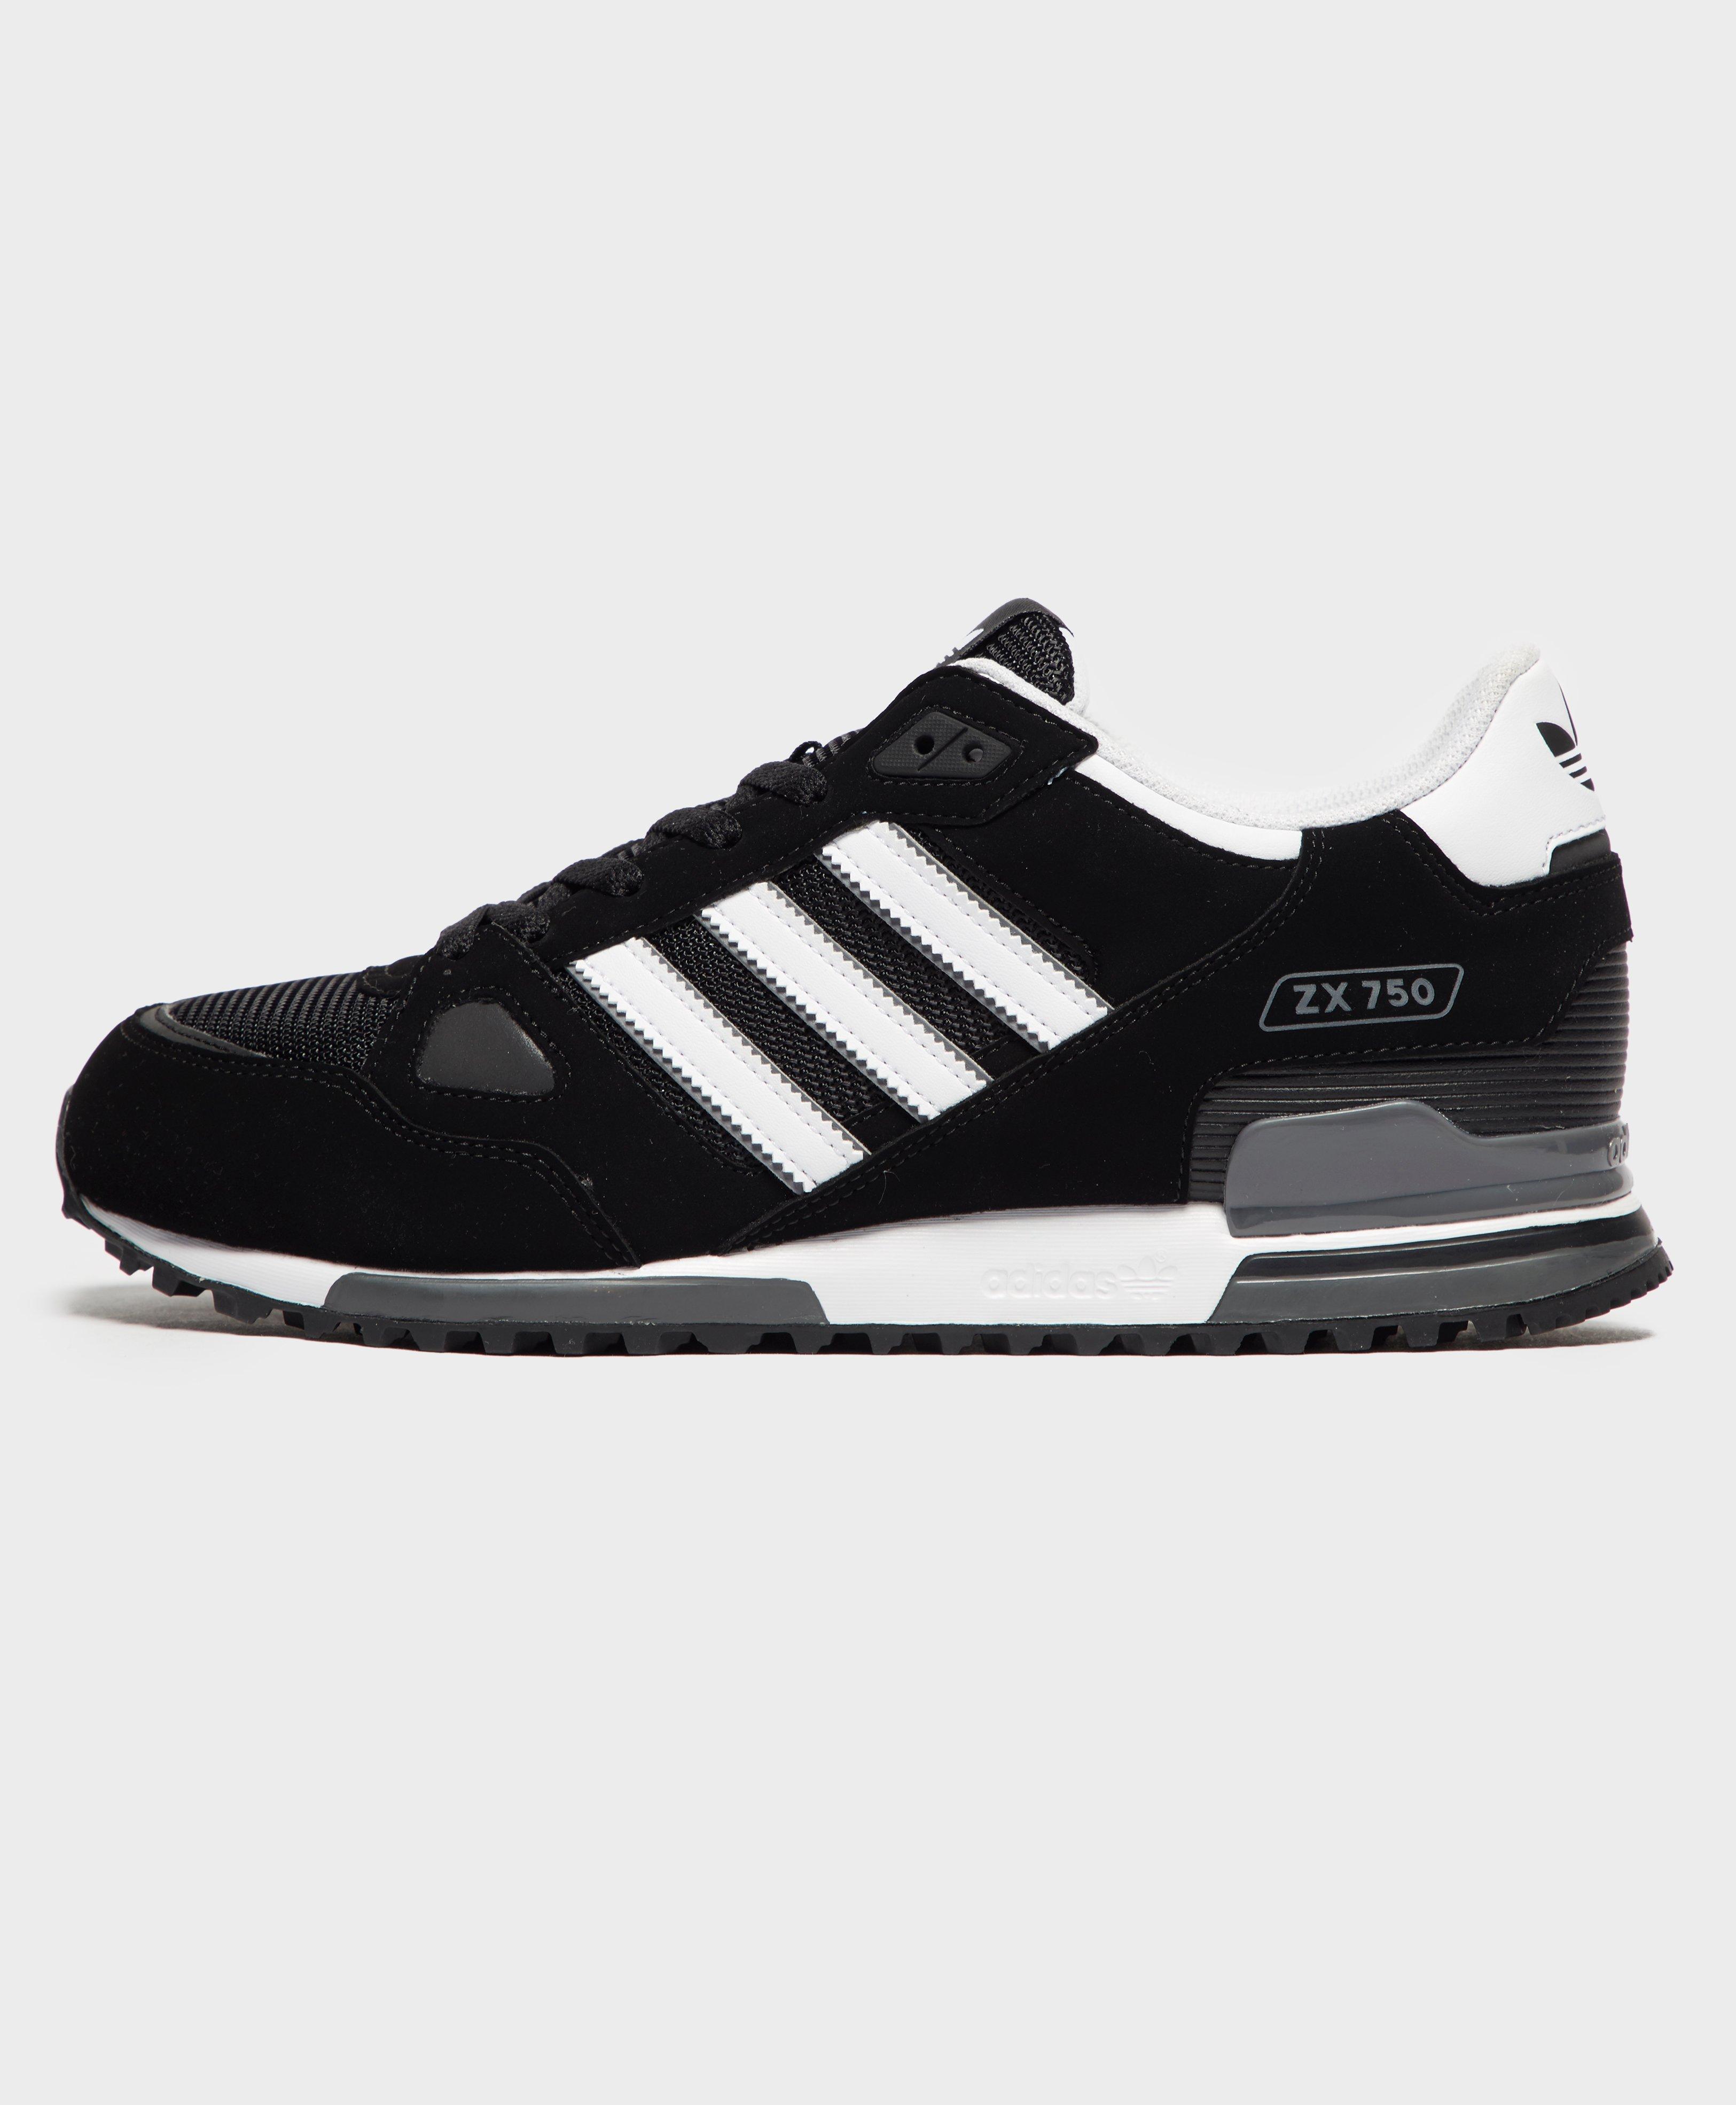 costilla tirar a la basura Aceptado  adidas Originals Synthetic Zx 750 in Black/White (Black) for Men - Lyst